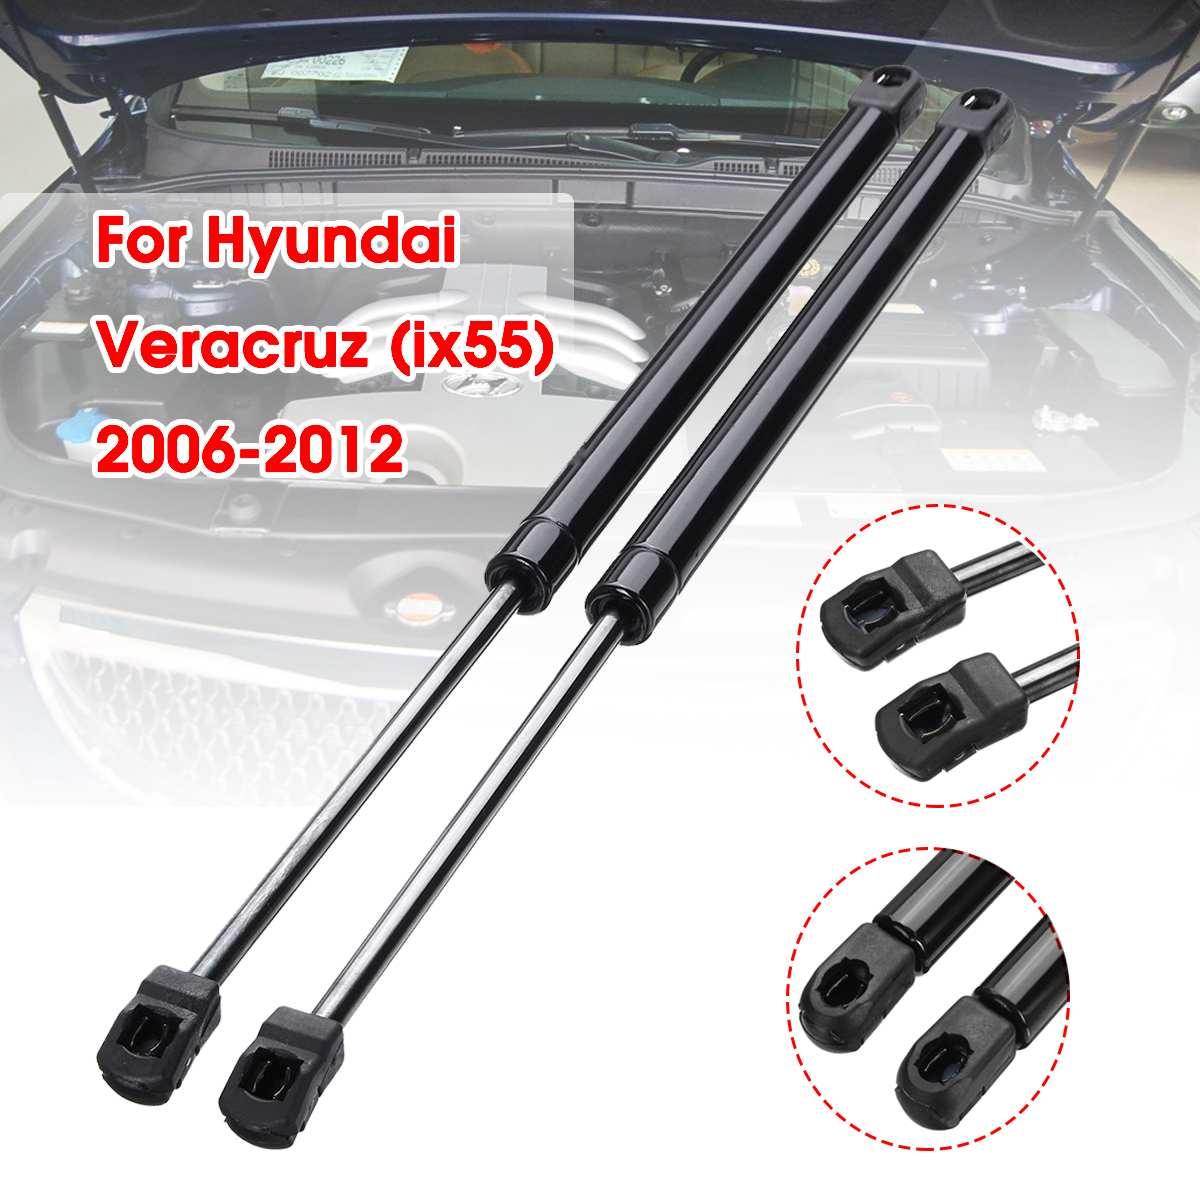 Araba Ön Kaput Hood Değiştirmek Gaz Struts Asansör Destek Şok Damperi Barlar Hyundai Veracruz ix55 2006-2012